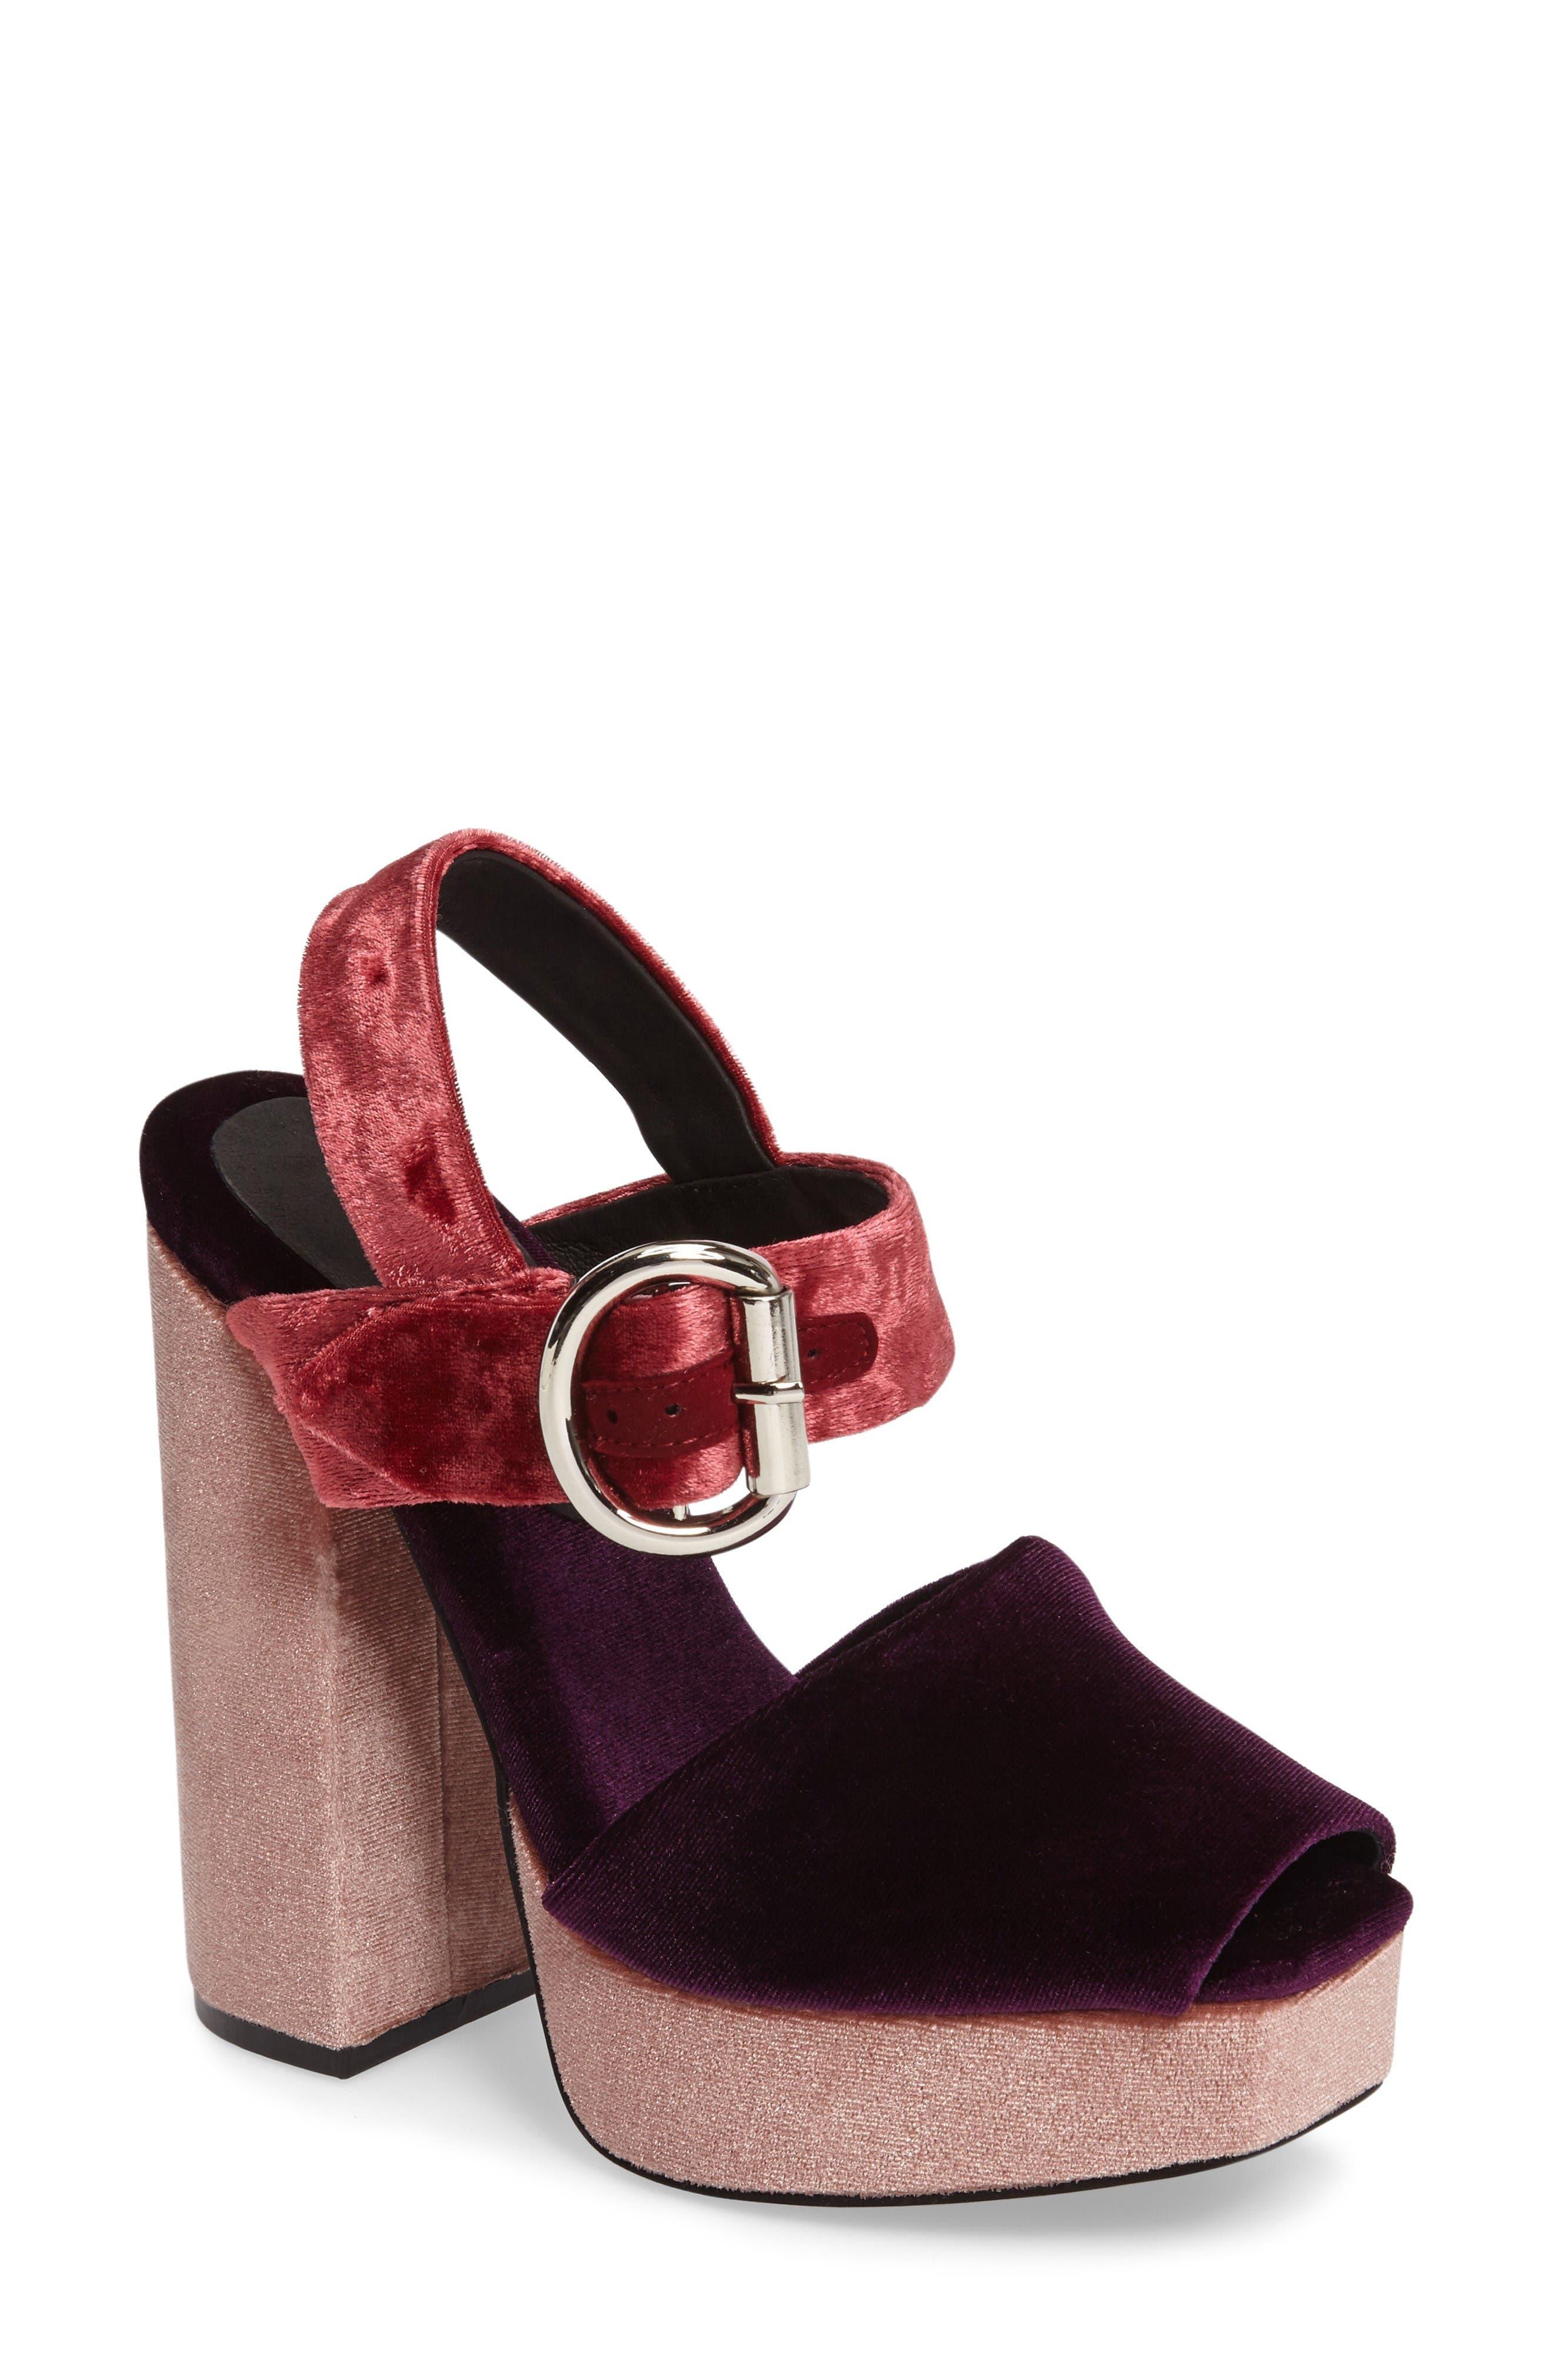 Main Image - Jeffrey Campbell Mitra Platform Sandal (Women)